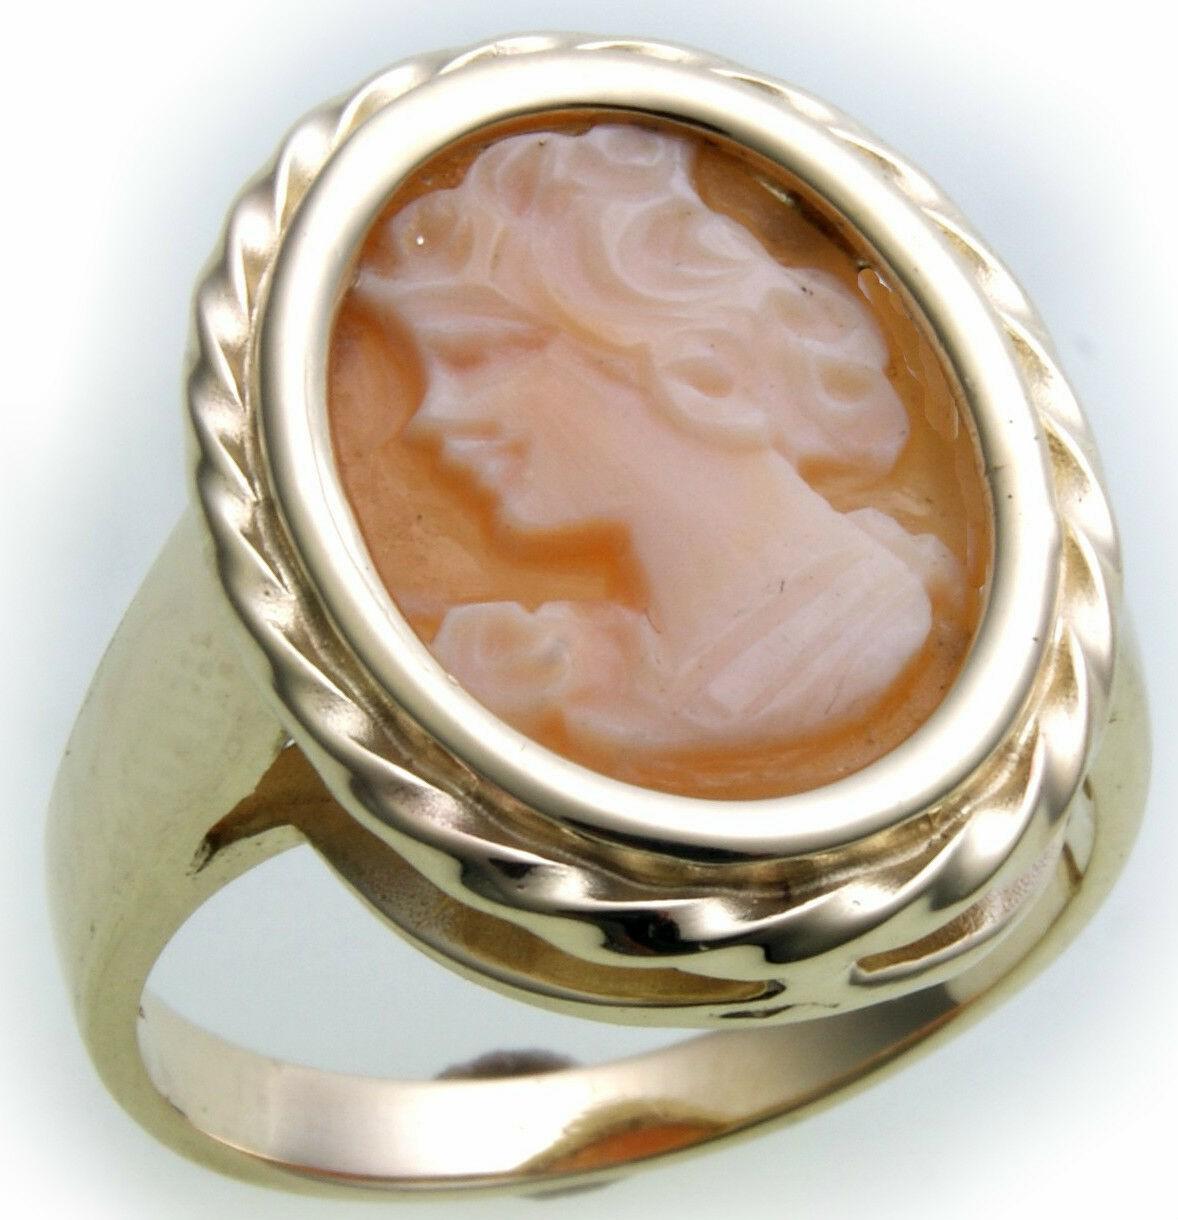 Damen Ring m. Muschelgemme in Silber 925 Sterlingsilber Gemme Muschelkamee